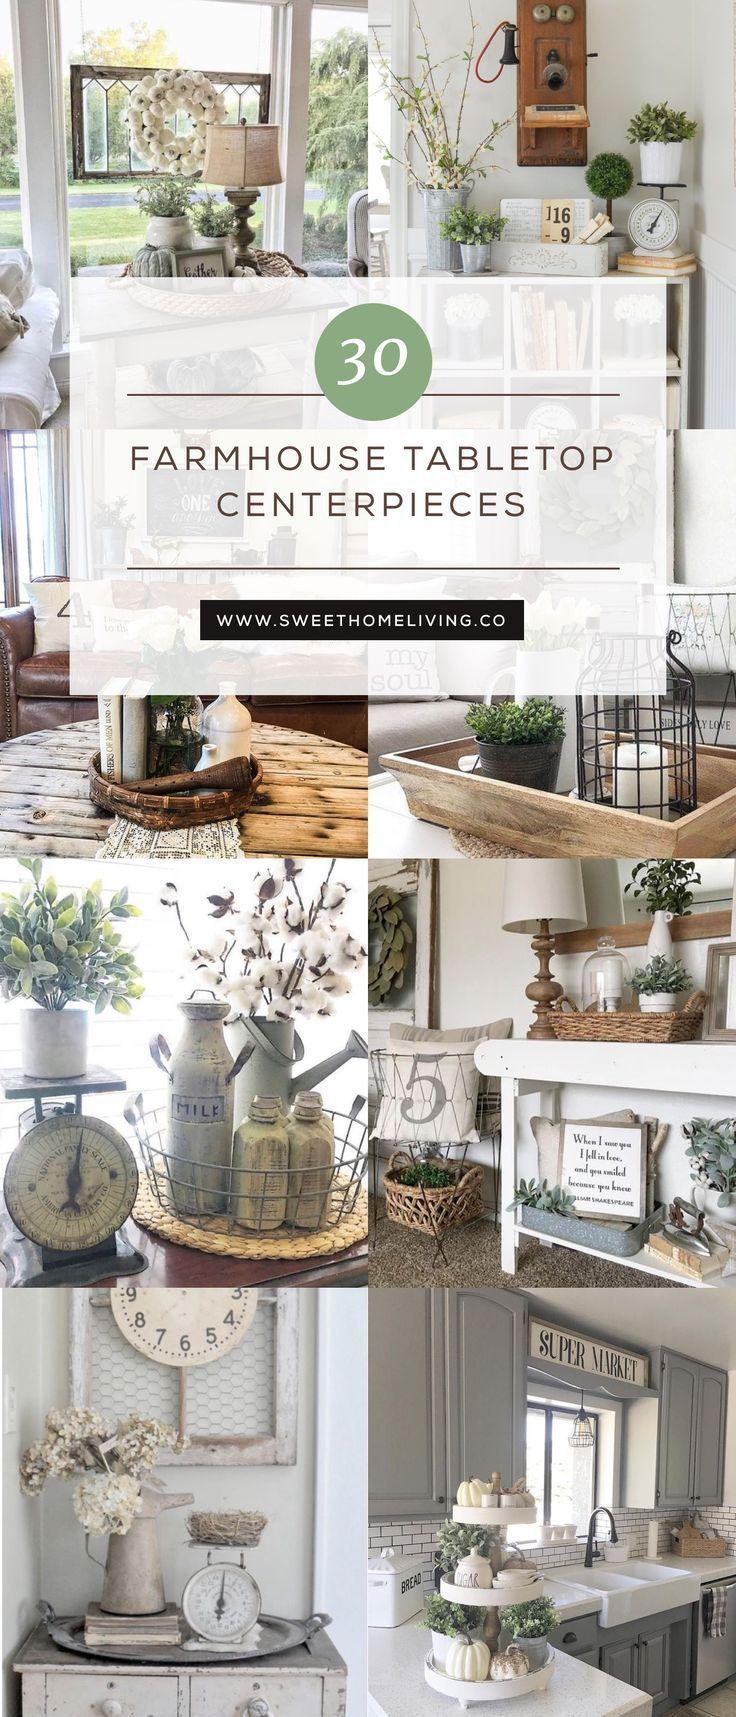 30 Farmhouse Tabletop Arrangement Centerpieces Farmhouse Tabletop Farmhouse Centerpiece Home Decor